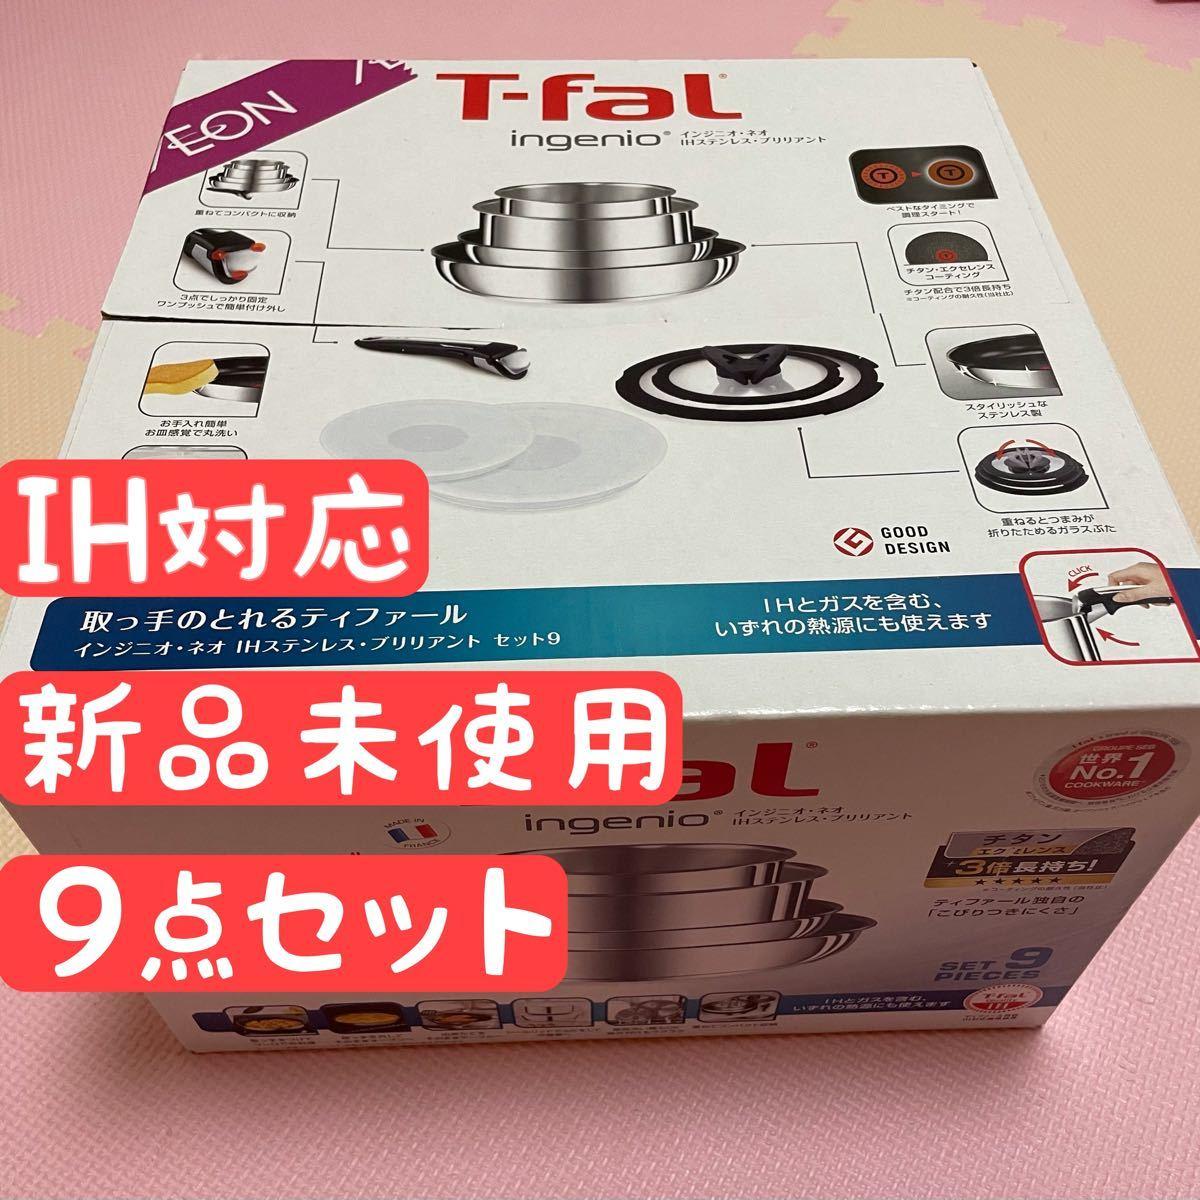 【週末限定値下げ】T-fal フライパン 鍋 9点 セット IH対応 インジニオネオ ステンレス セット9